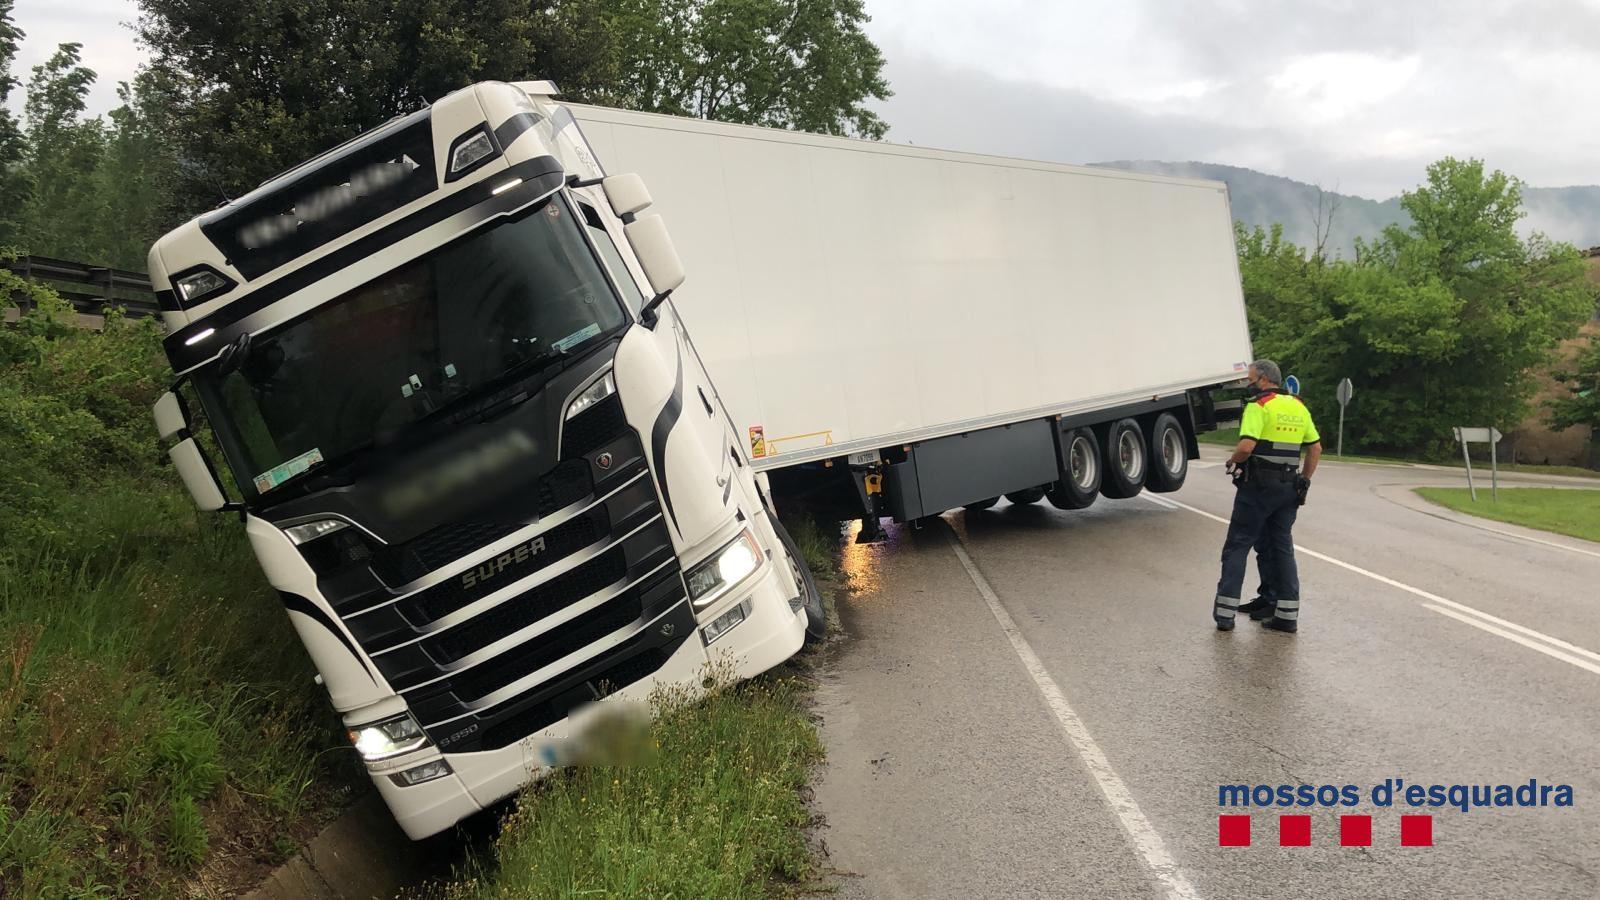 El camió accidentat a la Garrotxa conduit per un borratxo irlandès/Mossos